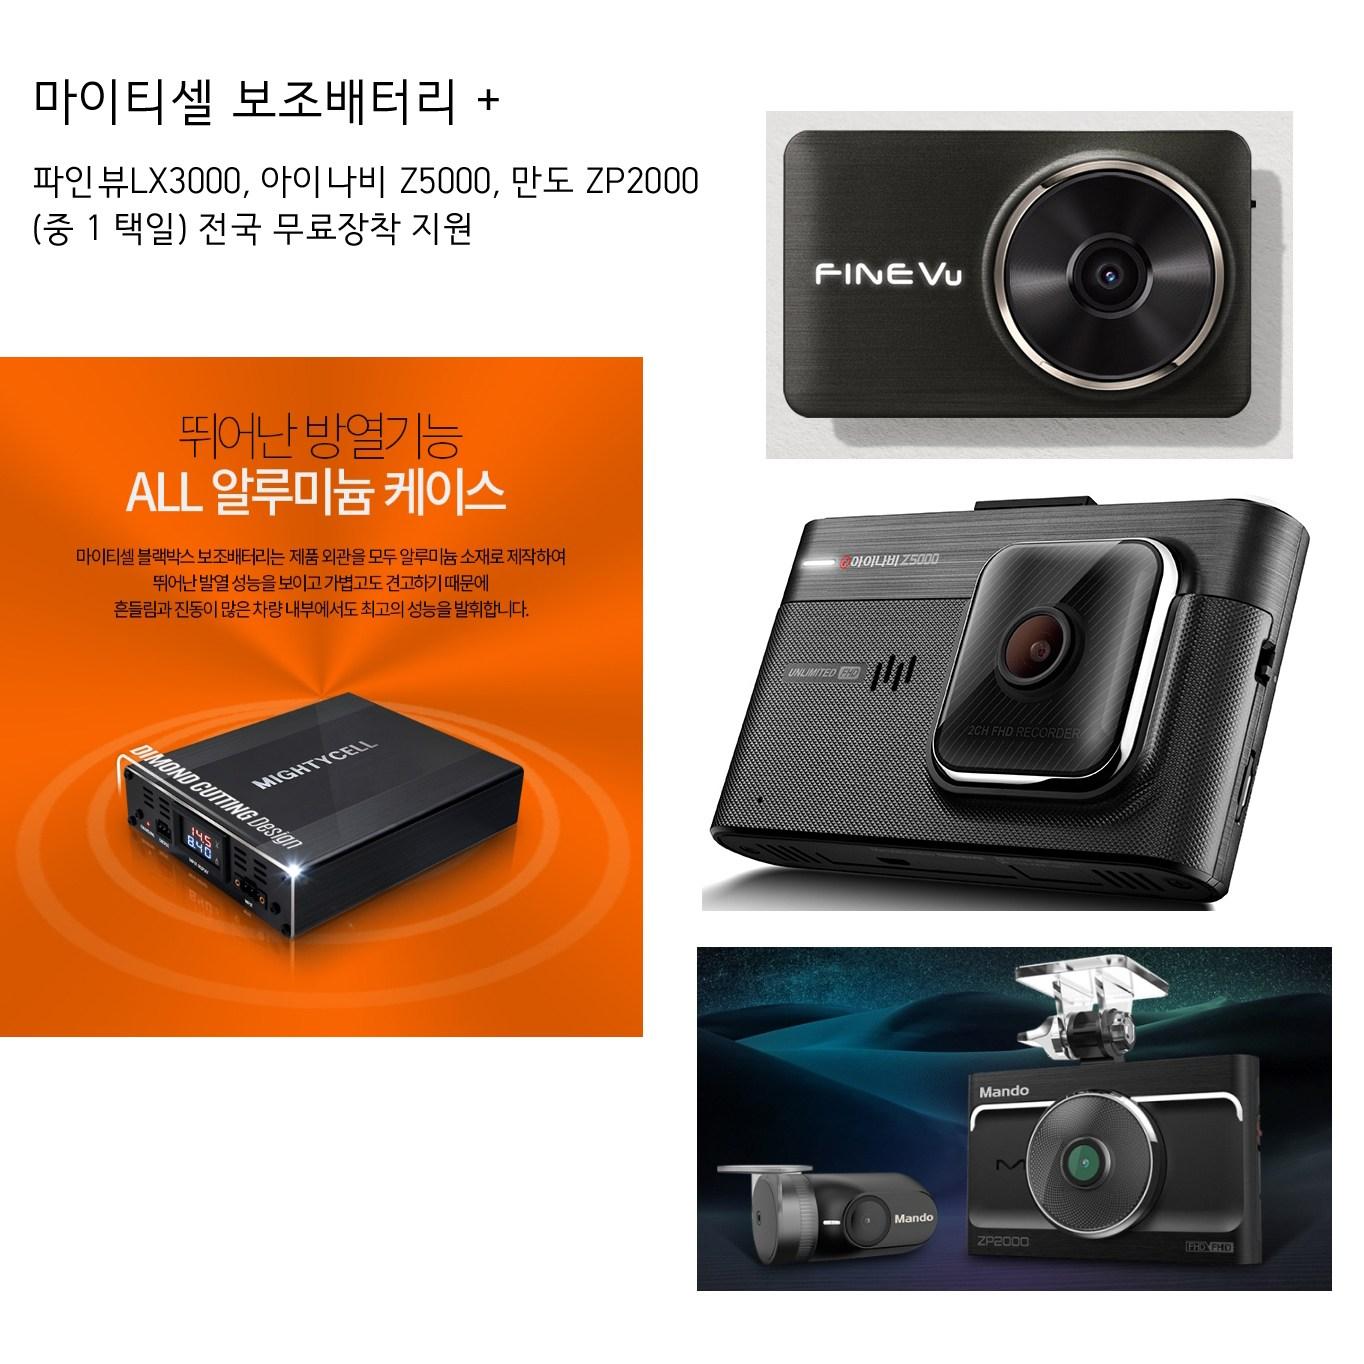 파인뷰 LX3000PRO 아이나비 Z5000 만도 ZP2000+마이티셀 6A보조배터리 차량용 보조배터리 패키지/무료출 장장착 지원  {블랙박스 모델:아이나비 Z5000+마이티셀6A